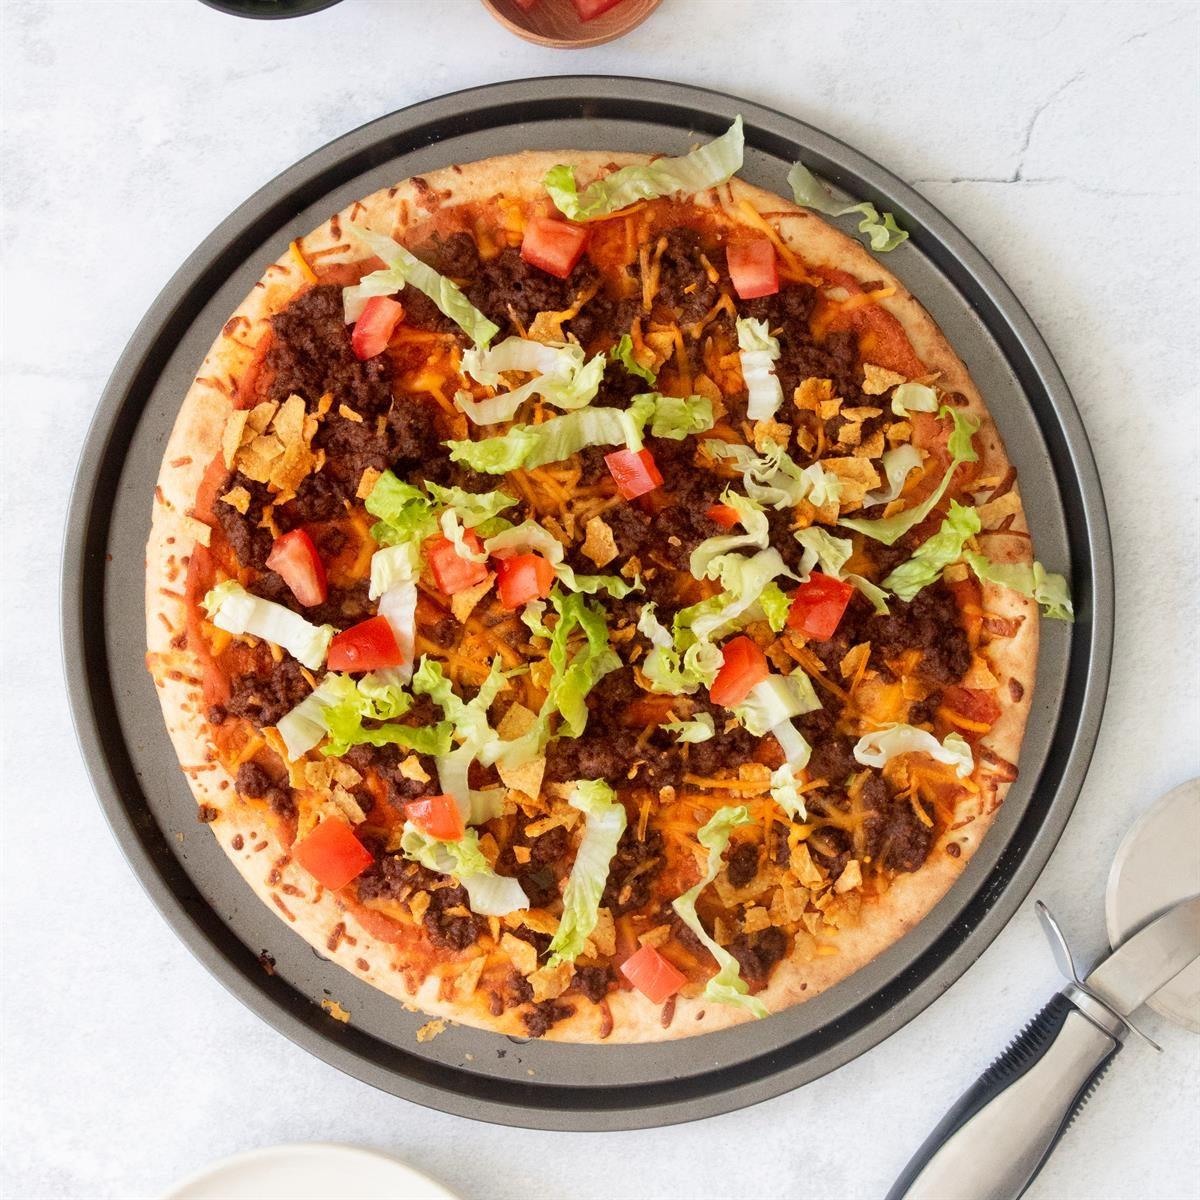 Day 7: Easy Taco Pizza